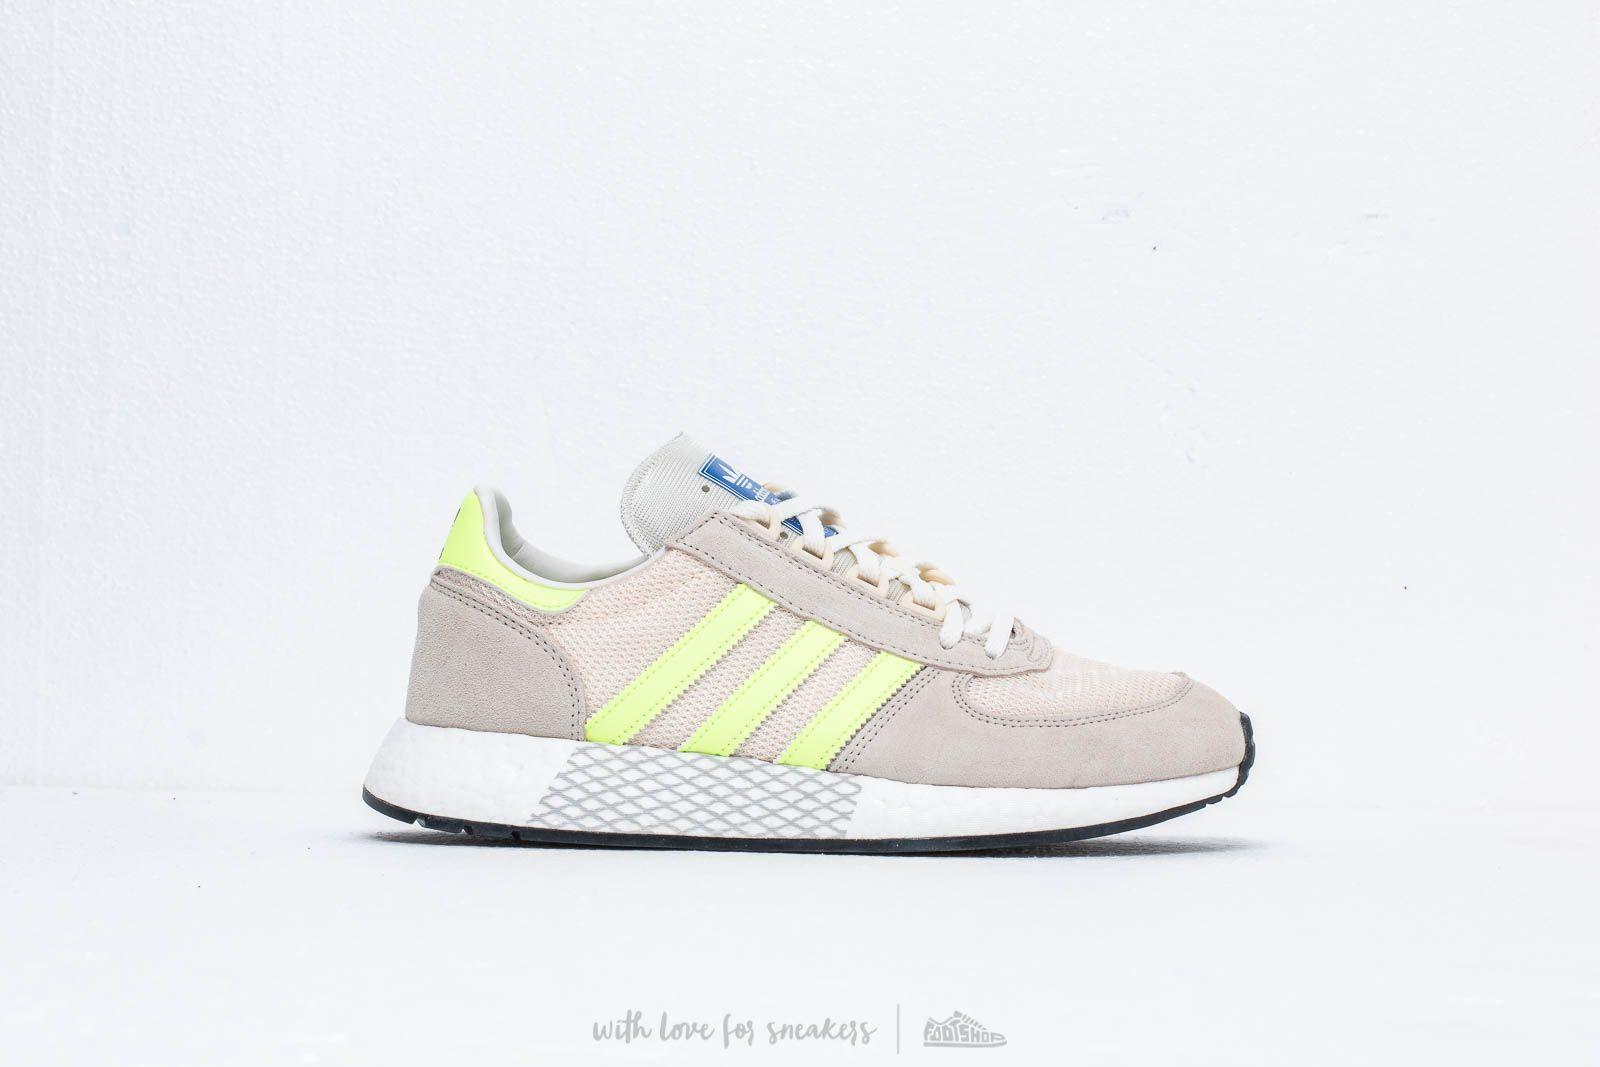 533e1ed58b adidas Marathon Tech Clear Brown/ Hi-Res Yellow / Ecru Tint nagyszerű  árakon 42